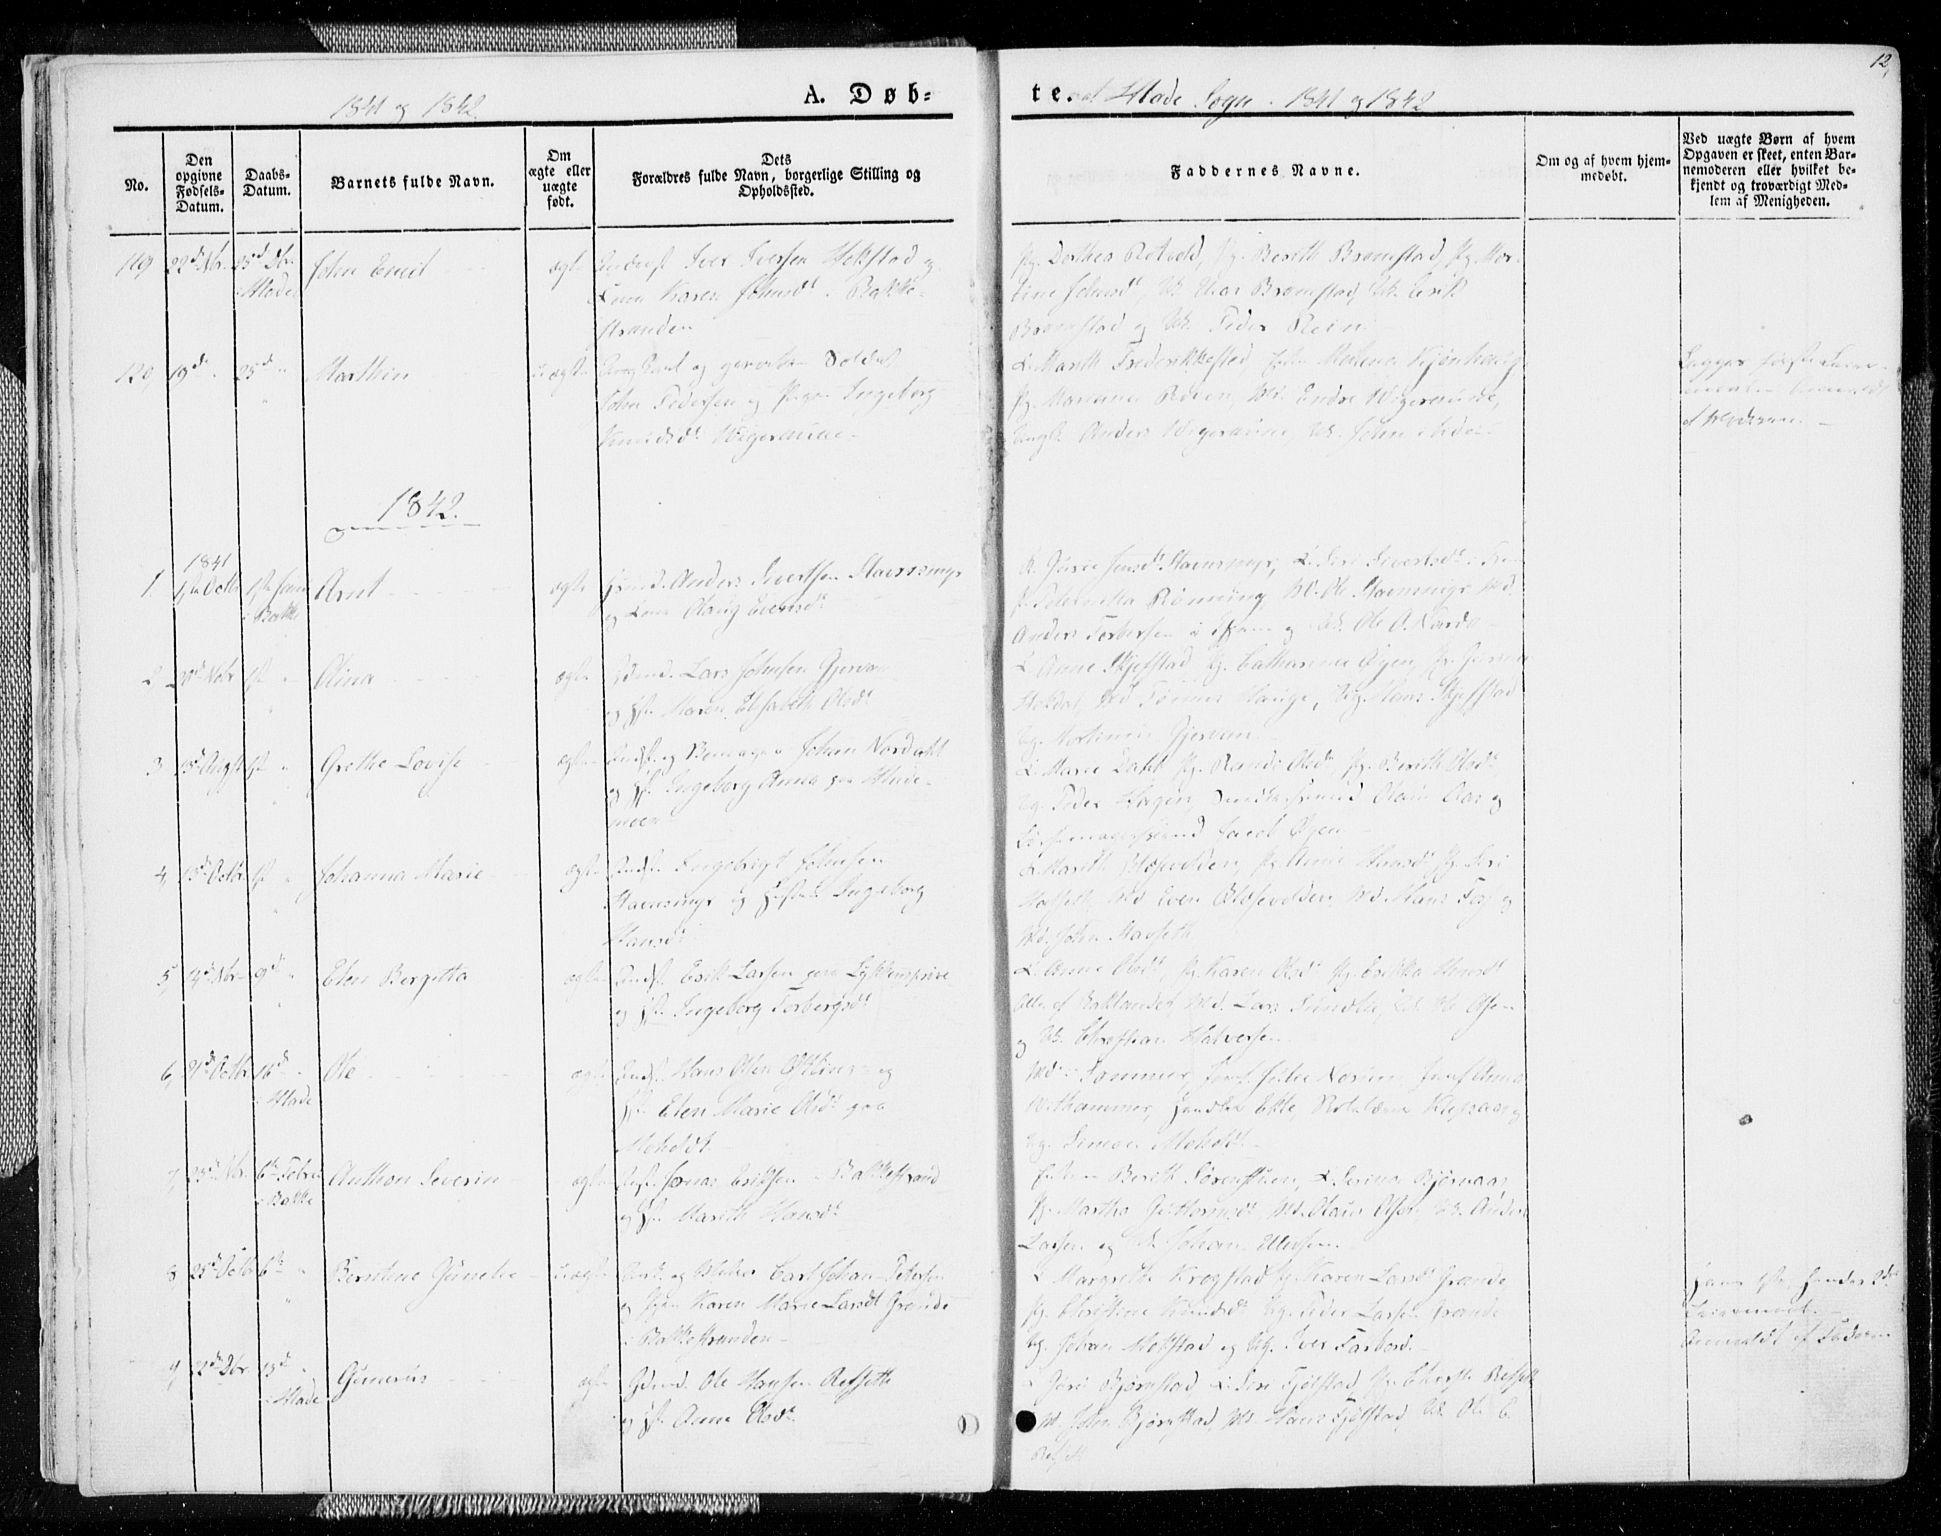 SAT, Ministerialprotokoller, klokkerbøker og fødselsregistre - Sør-Trøndelag, 606/L0290: Ministerialbok nr. 606A05, 1841-1847, s. 12